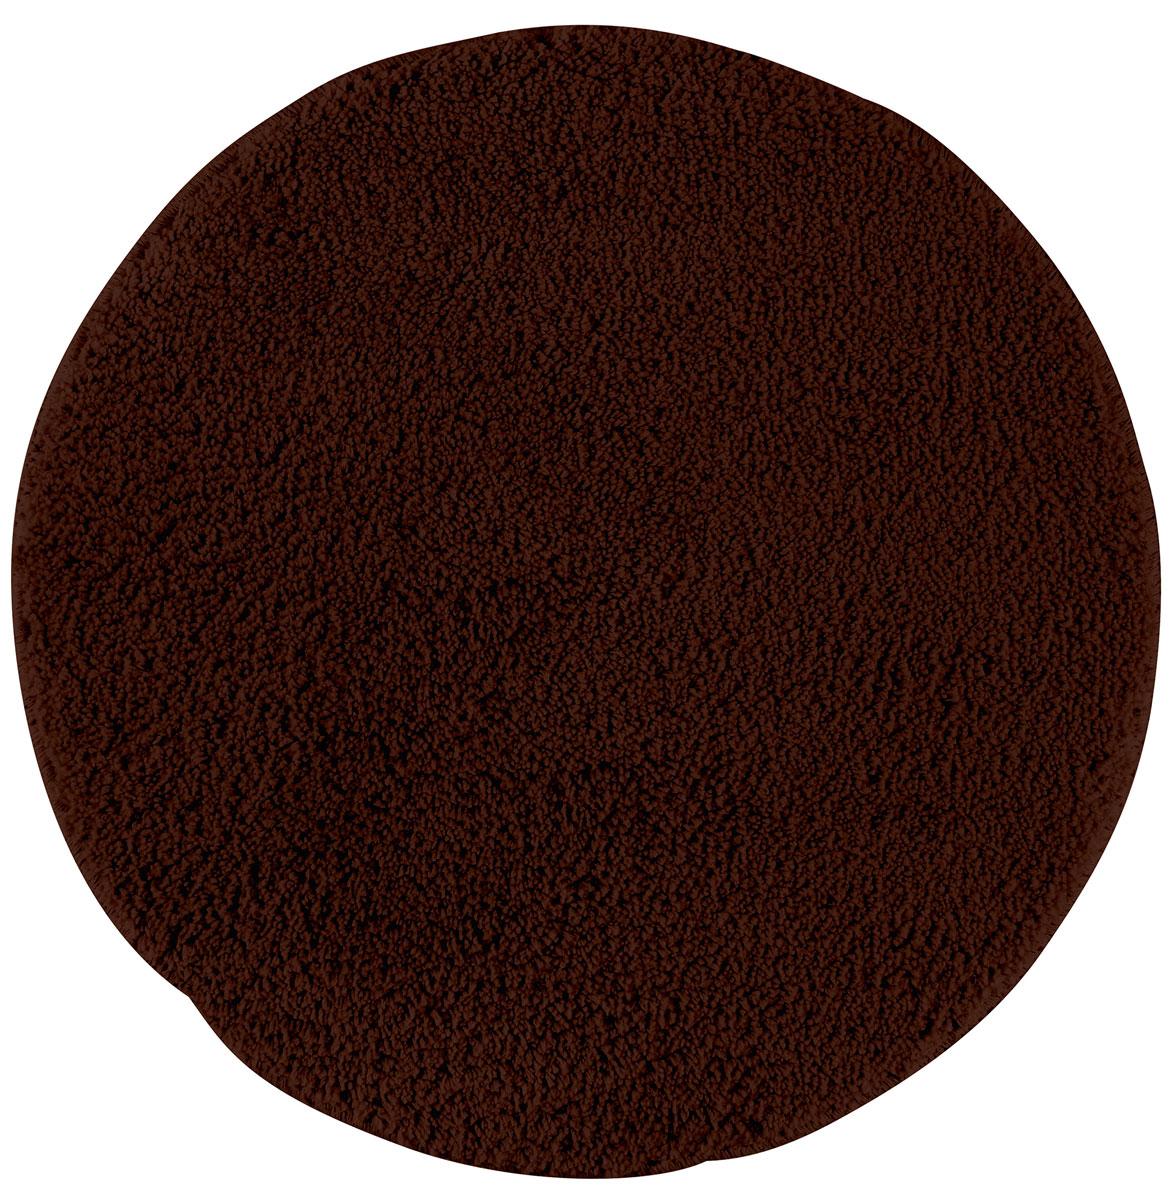 Коврик для ванной Axentia, противоскользящий, цвет: коричневый, диаметр 50 см116067Круглый коврик для ванной комнаты Axentia выполнен из высококачественной микрофибры. Противоскользящее основание изготовлено из термопластичной резины и подходит для полов с подогревом. Коврик стеганый, мягкий и приятный на ощупь, отлично впитывает влагу и быстро сохнет. Высокая износостойкость коврика и стойкость цвета позволит вам наслаждаться покупкой долгие годы. Можно стирать в стиральной машине. Диаметр коврика: 50 см. Высота ворса: 1,5 см.